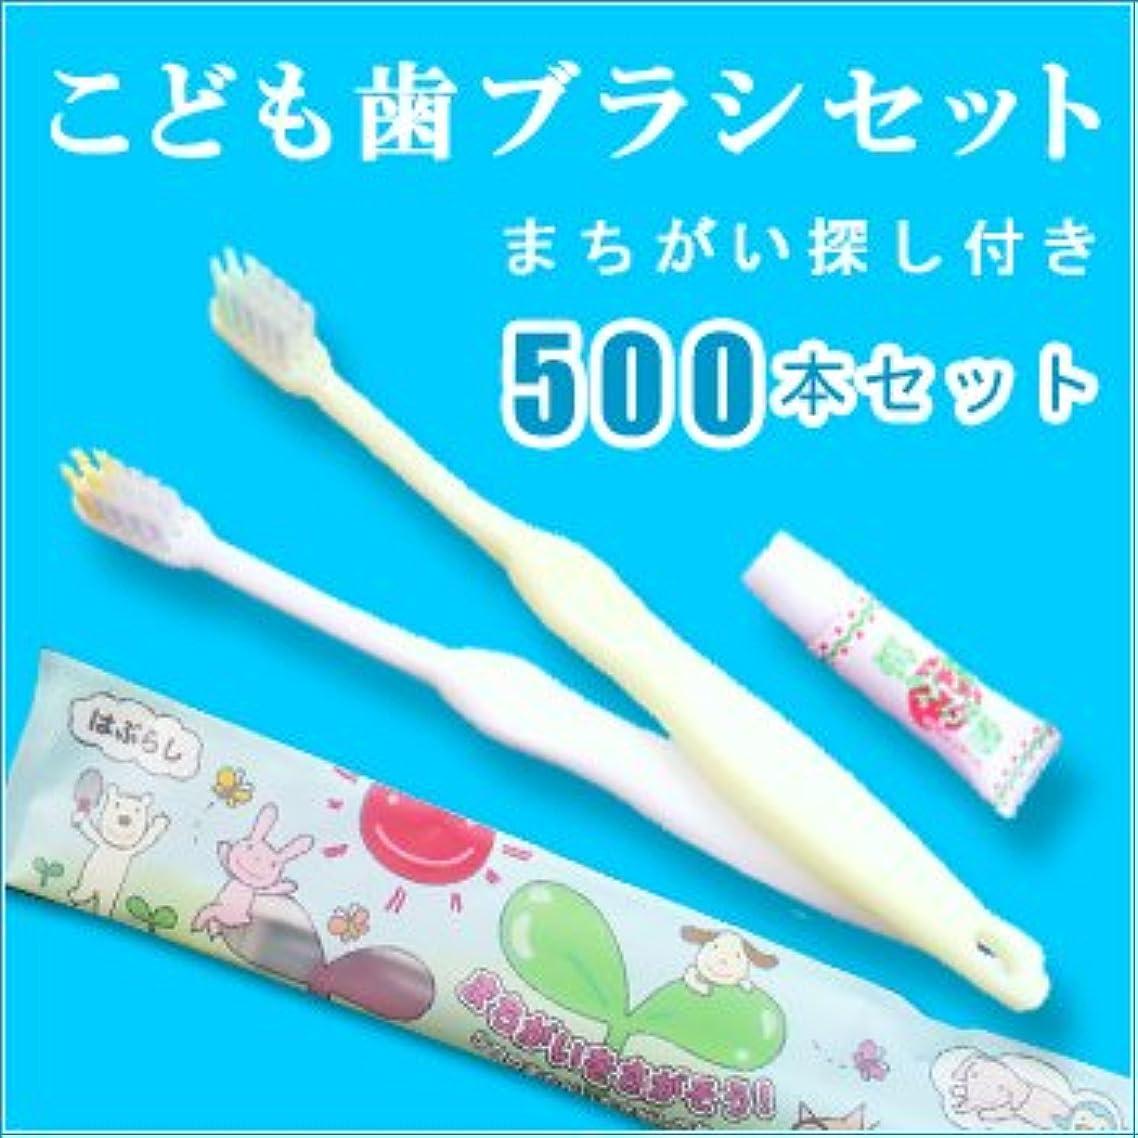 いたずら効能ある静めるこども用歯ブラシ いちご味の歯磨き粉 3gチューブ付 ホワイト?イエロー2色アソート(1セット500本)1本当たり34円